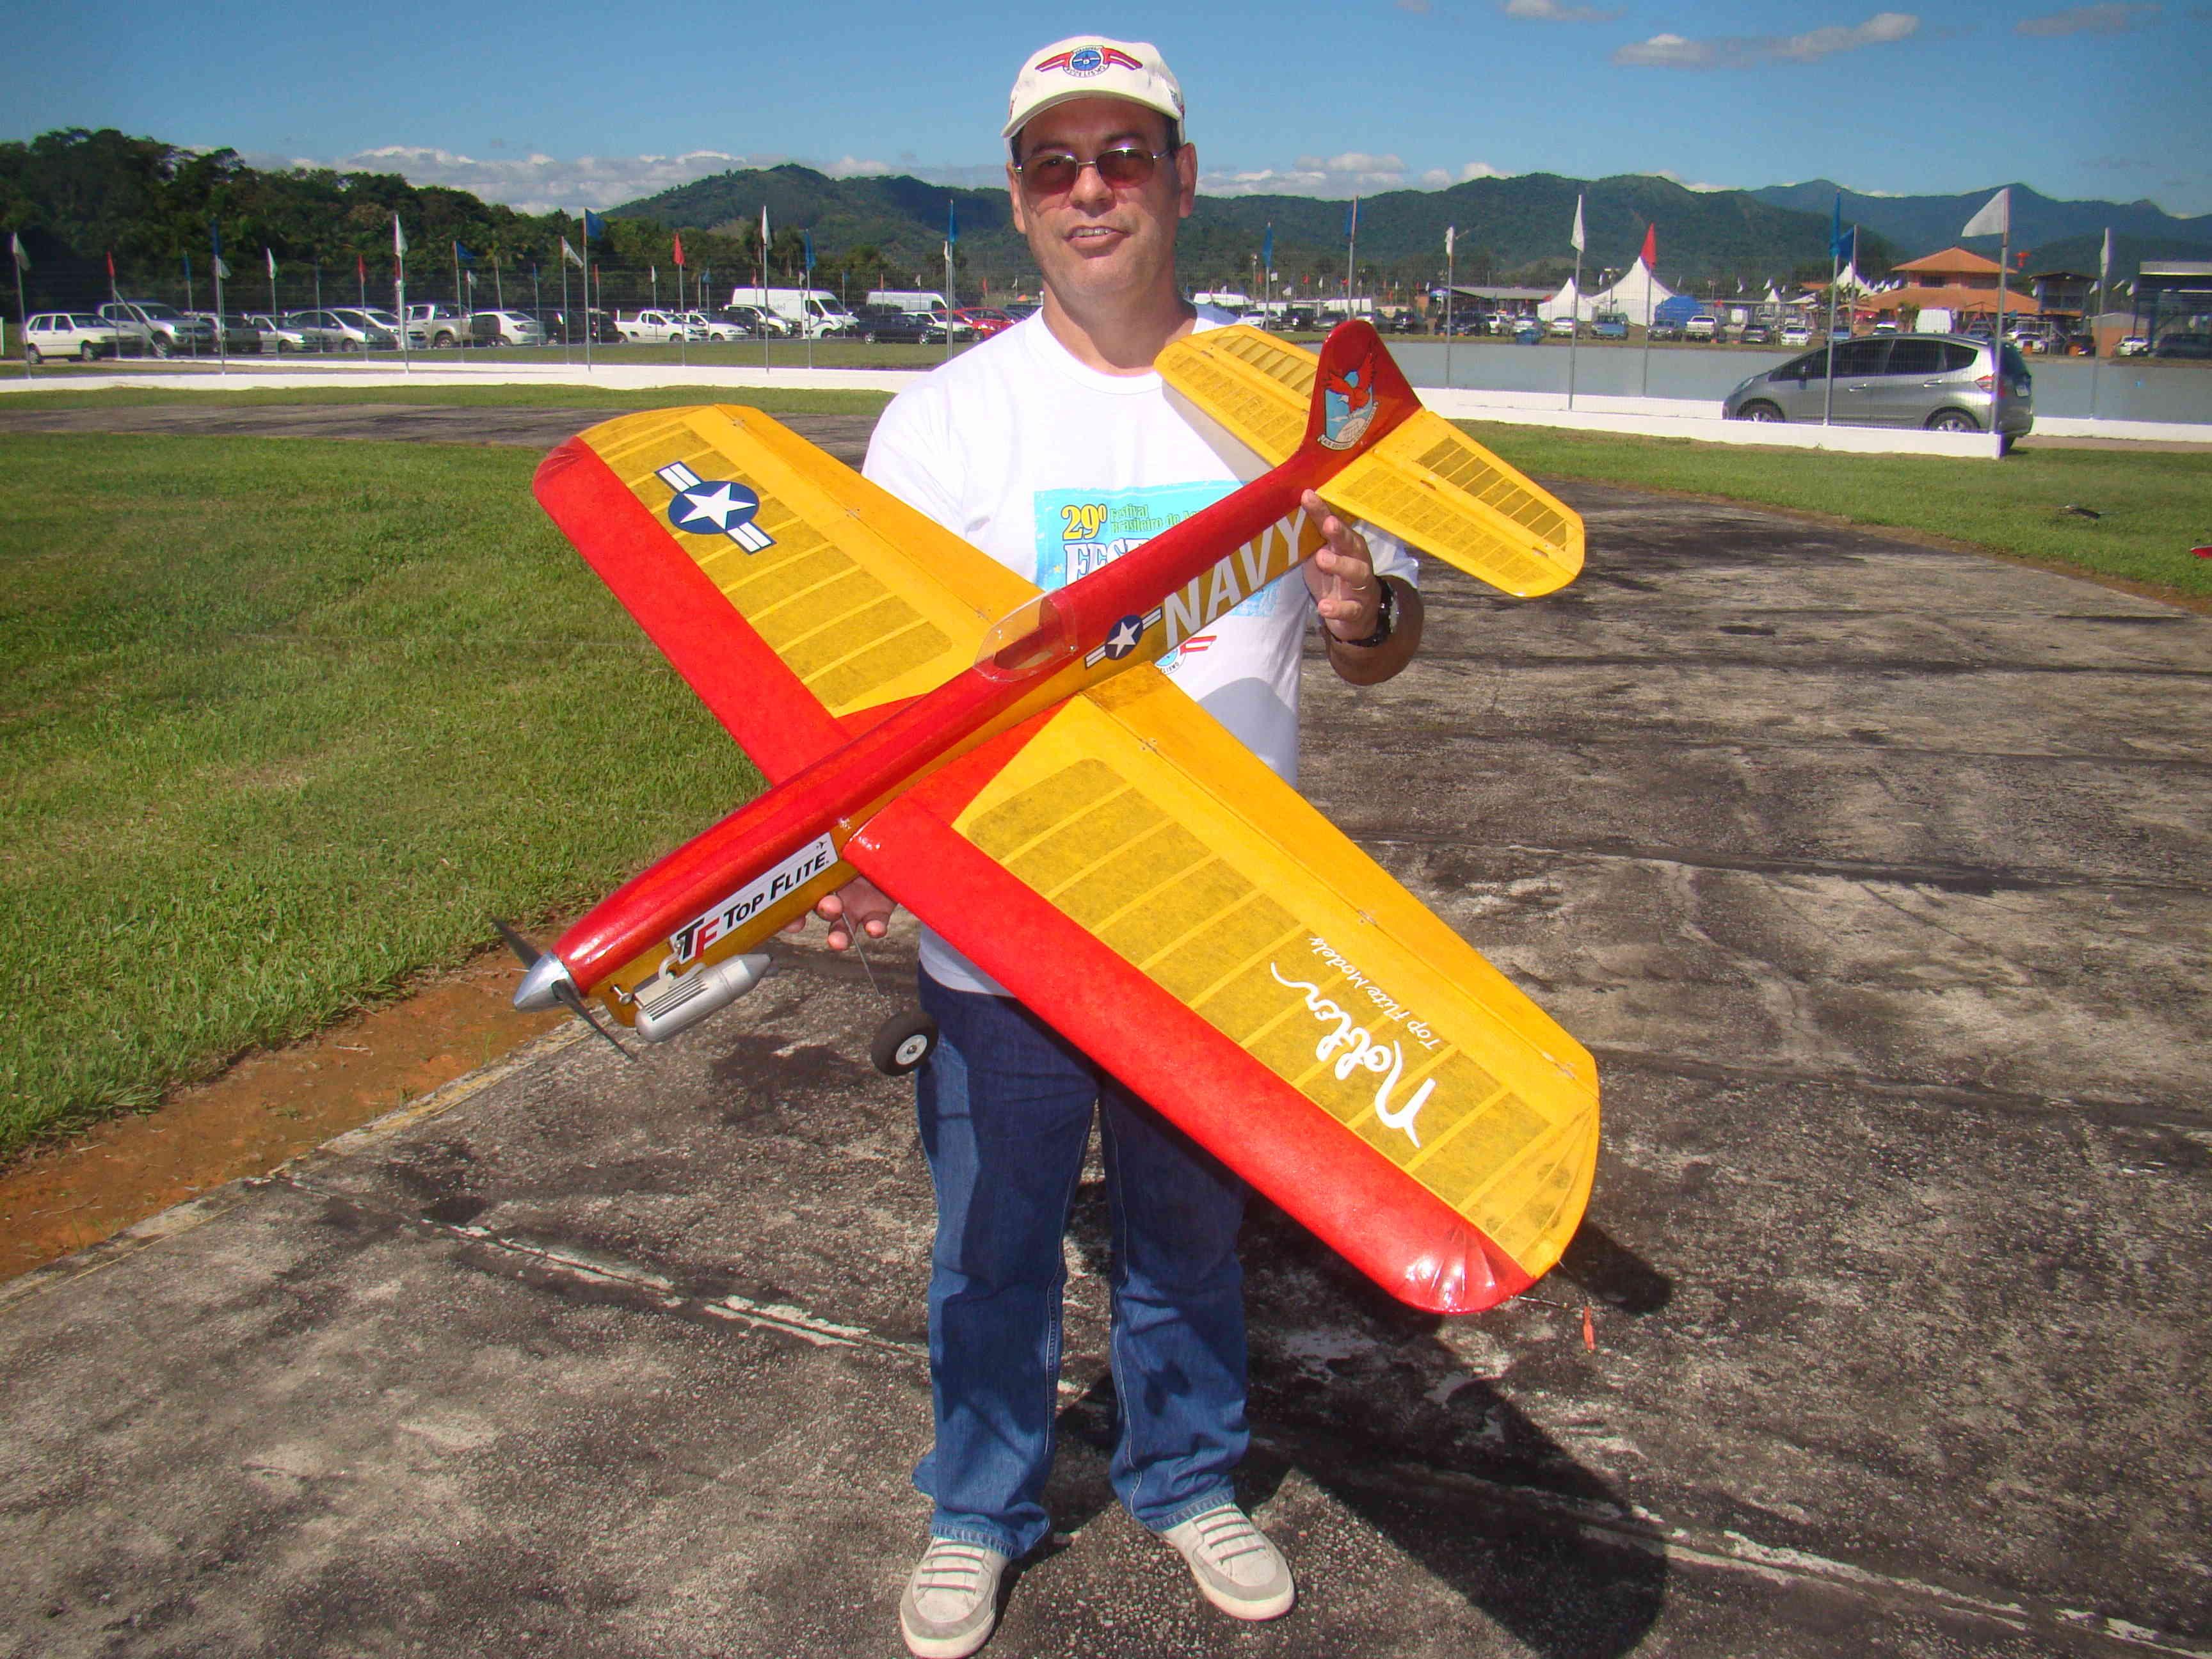 Aeromodelismo clássico - Modelos, kits, motores e tudo mais  - Página 8 Nobler10